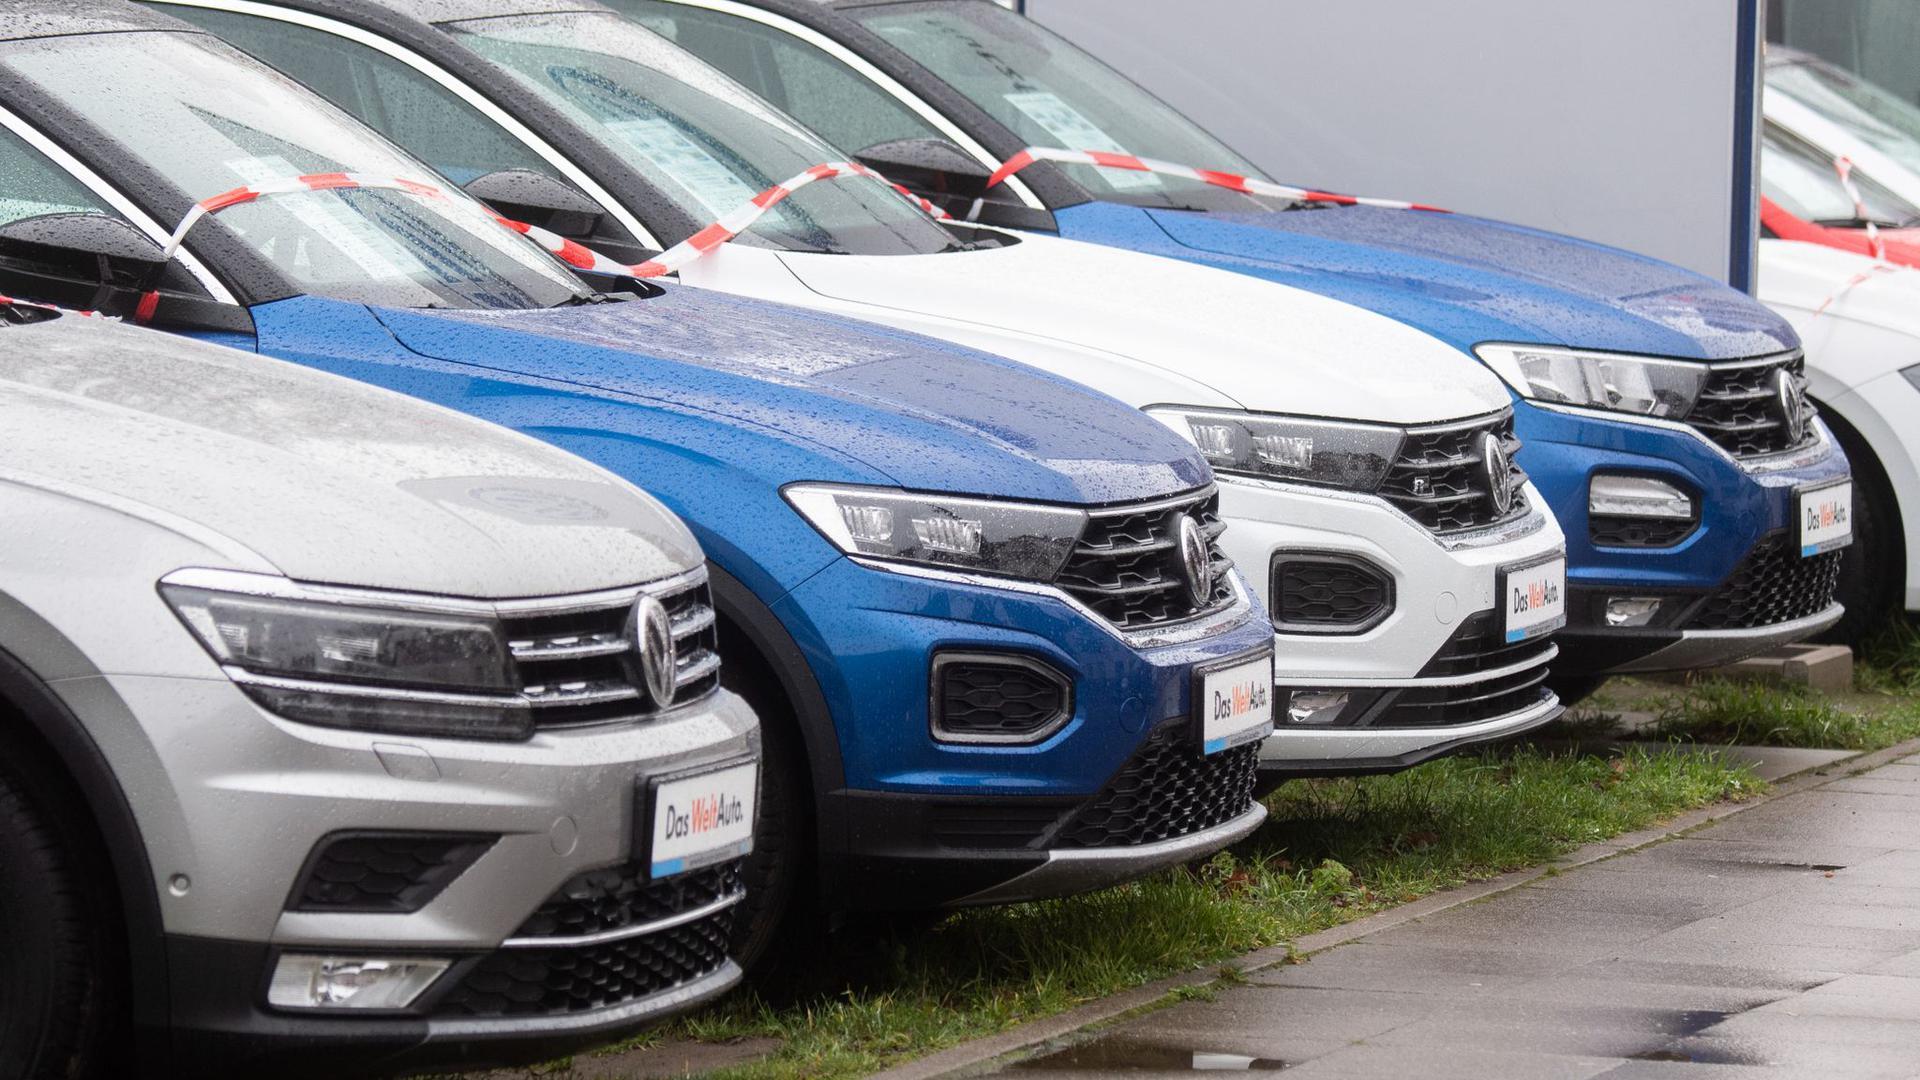 Fahrzeuge der Marke Volkswagen bei einem Autohändler.